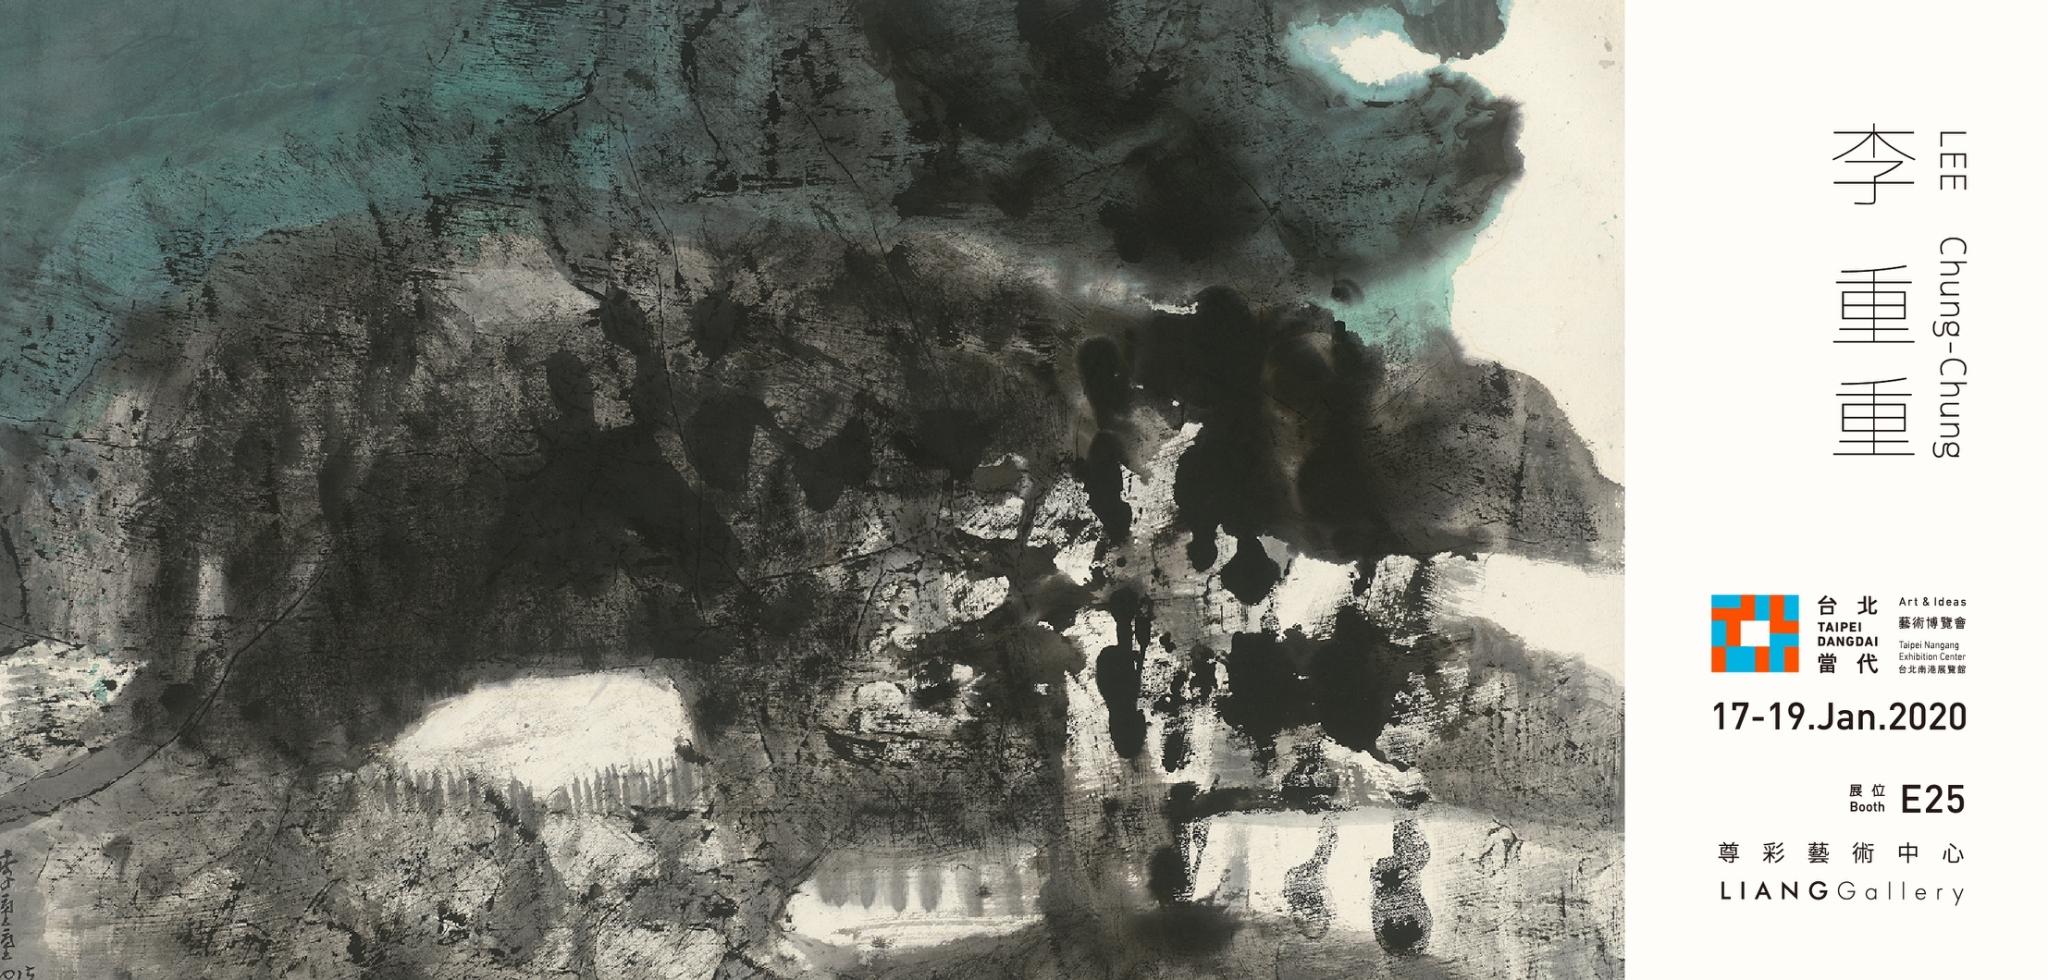 2020 台北當代藝術博覽會 Taipei Dangdai